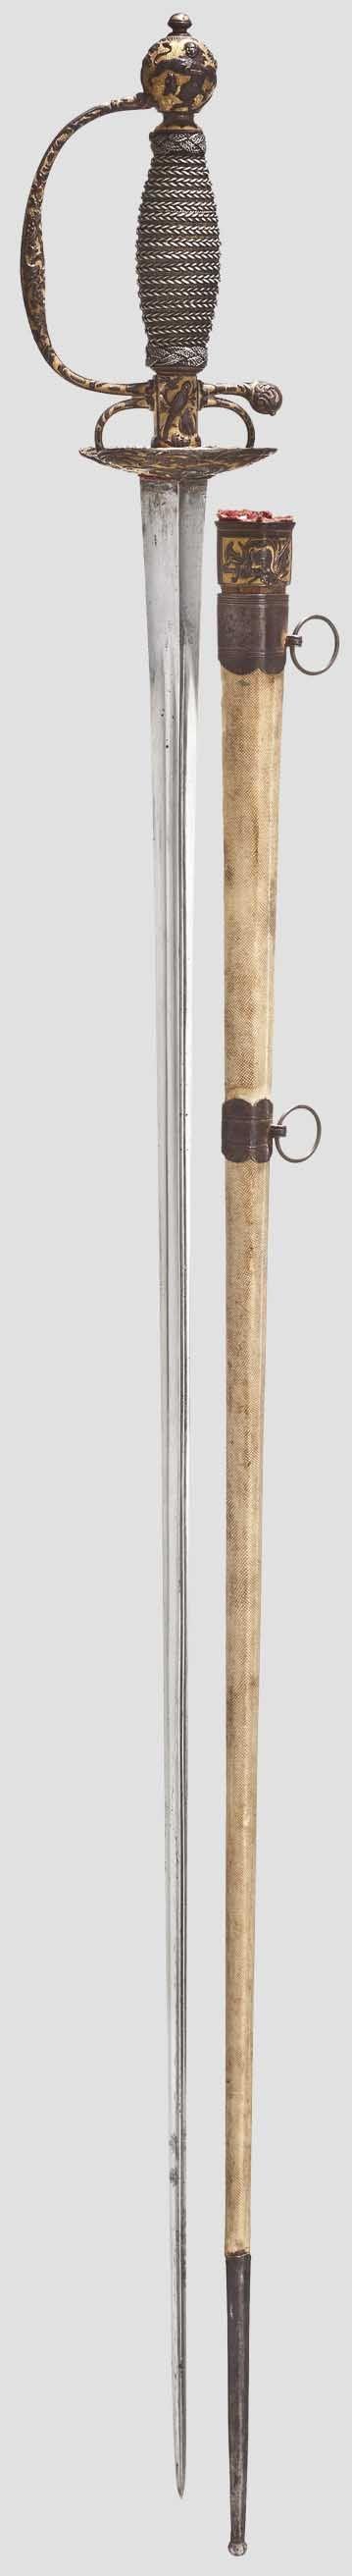 Geschnittener und vergoldeter Galadegen mit Scheide, Frankreich um 1760 - Lot detail - Hermann Historica oHG